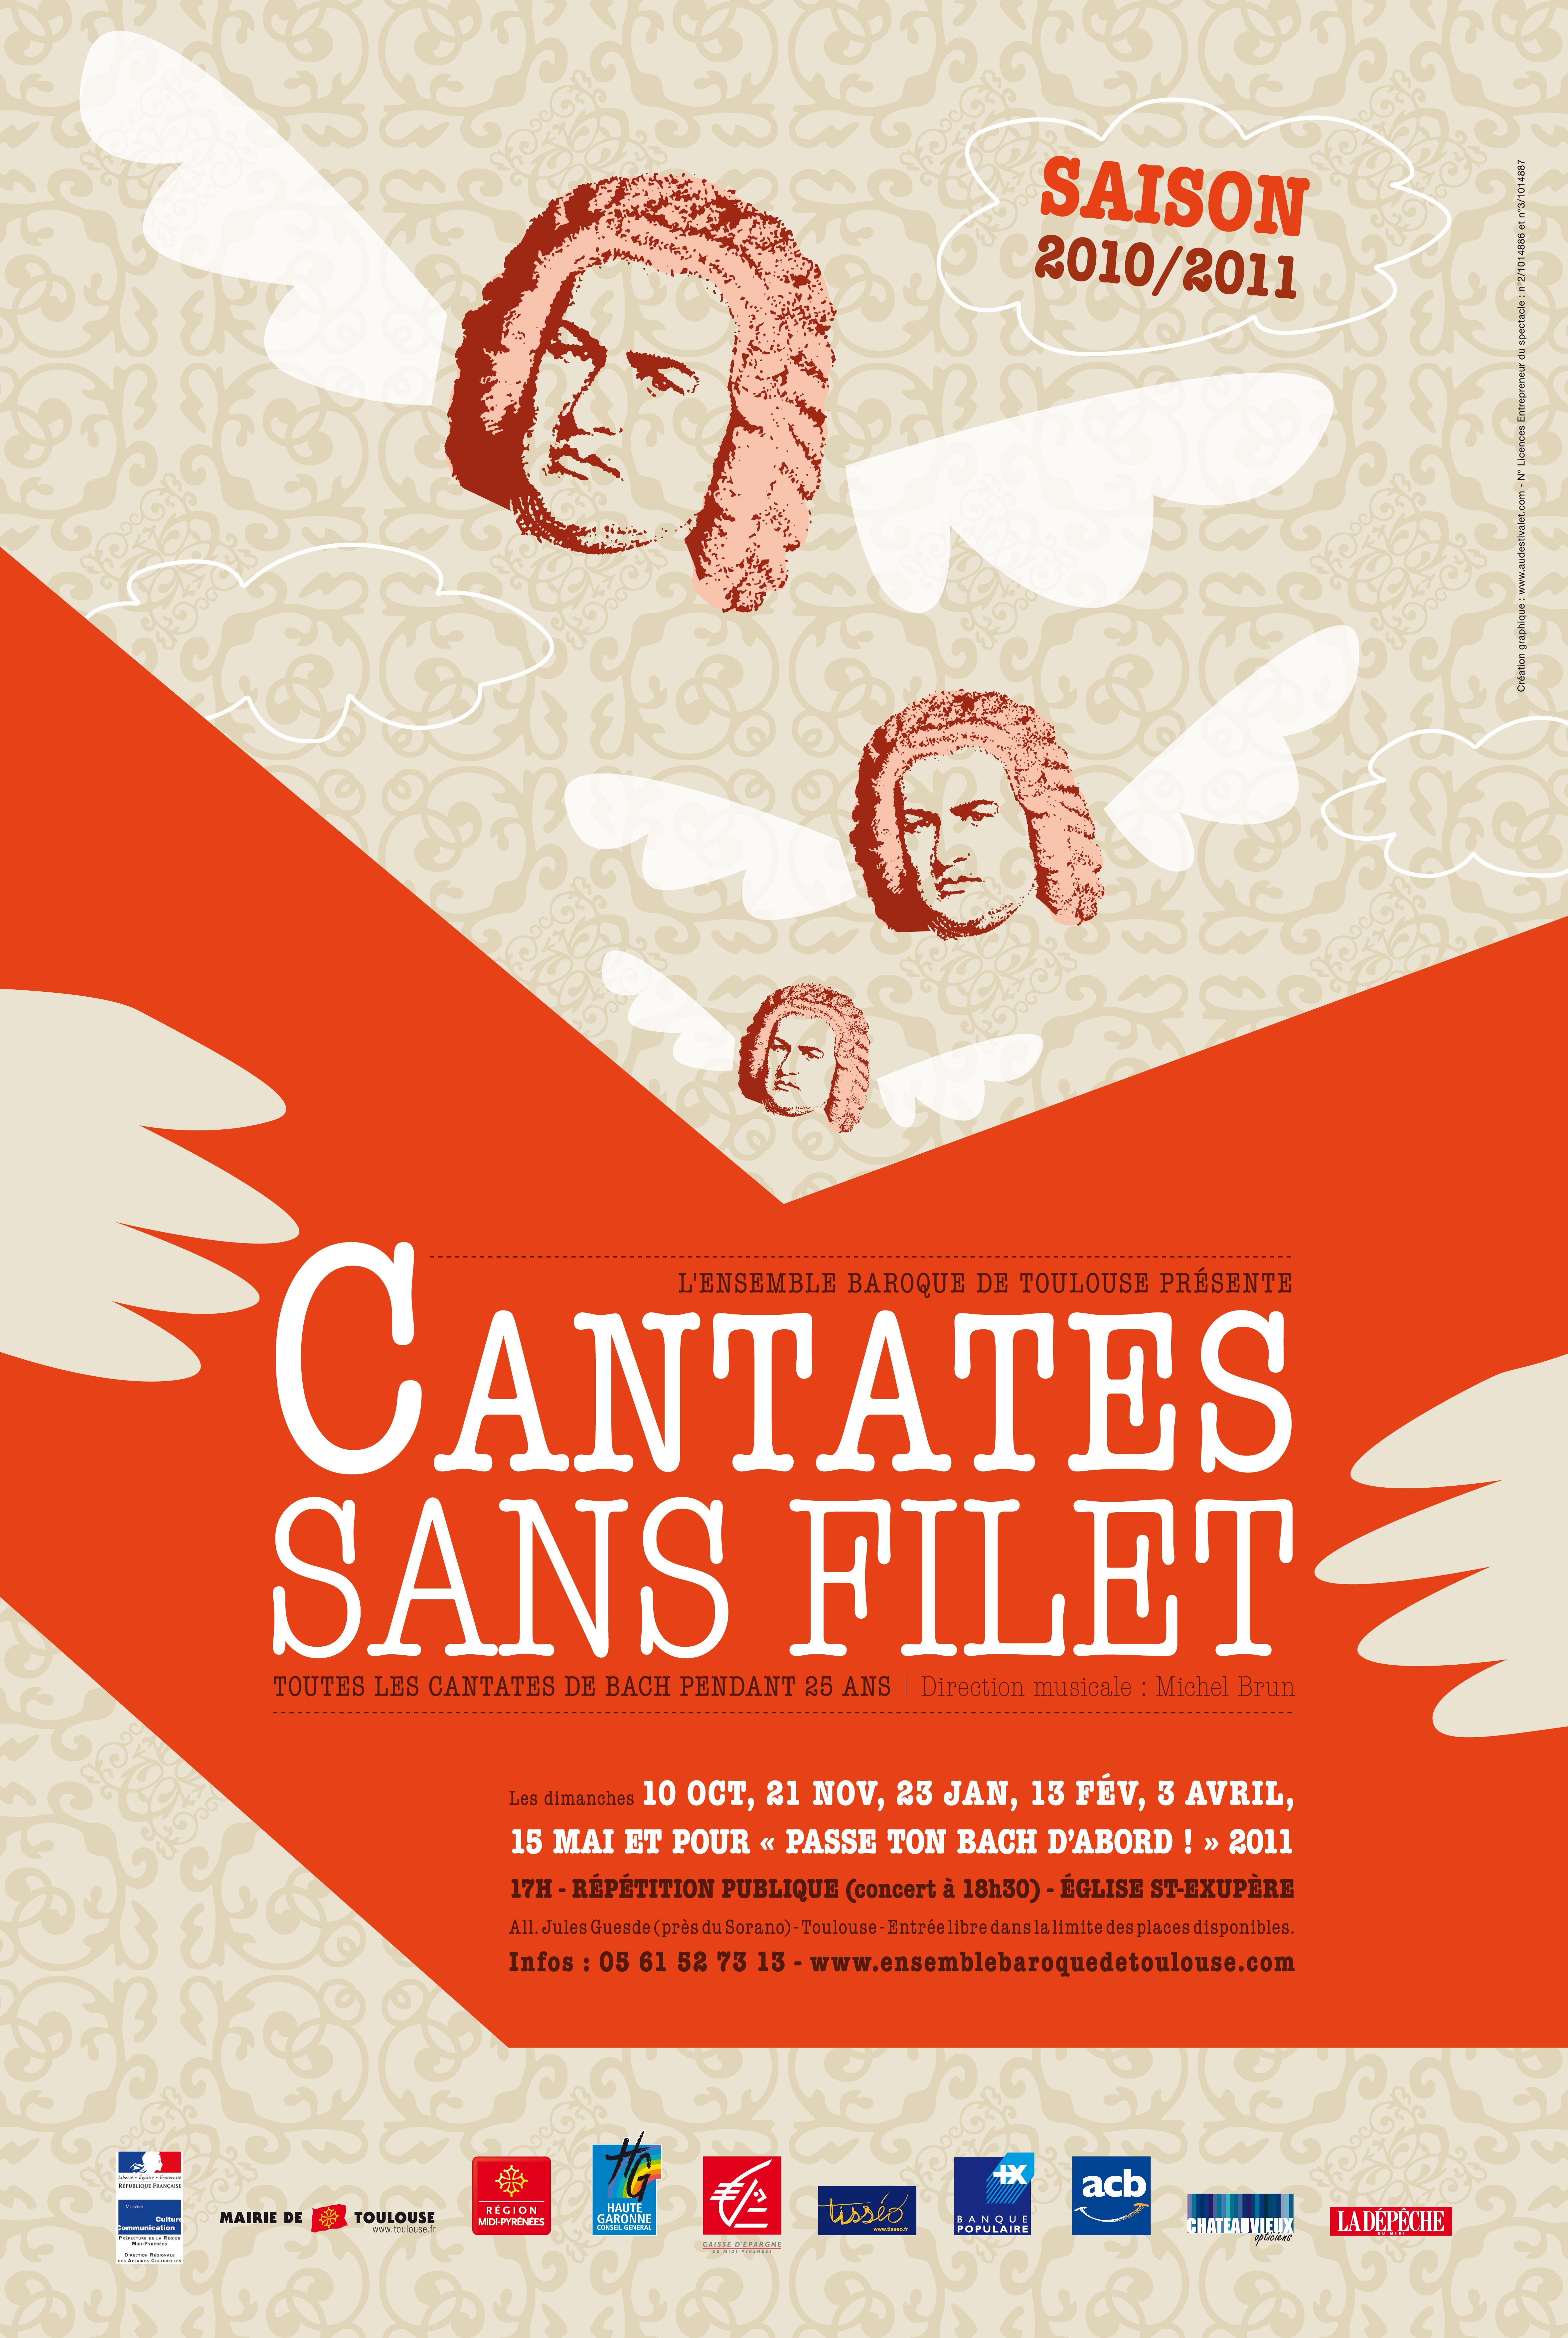 Affiche Cantates sans filet